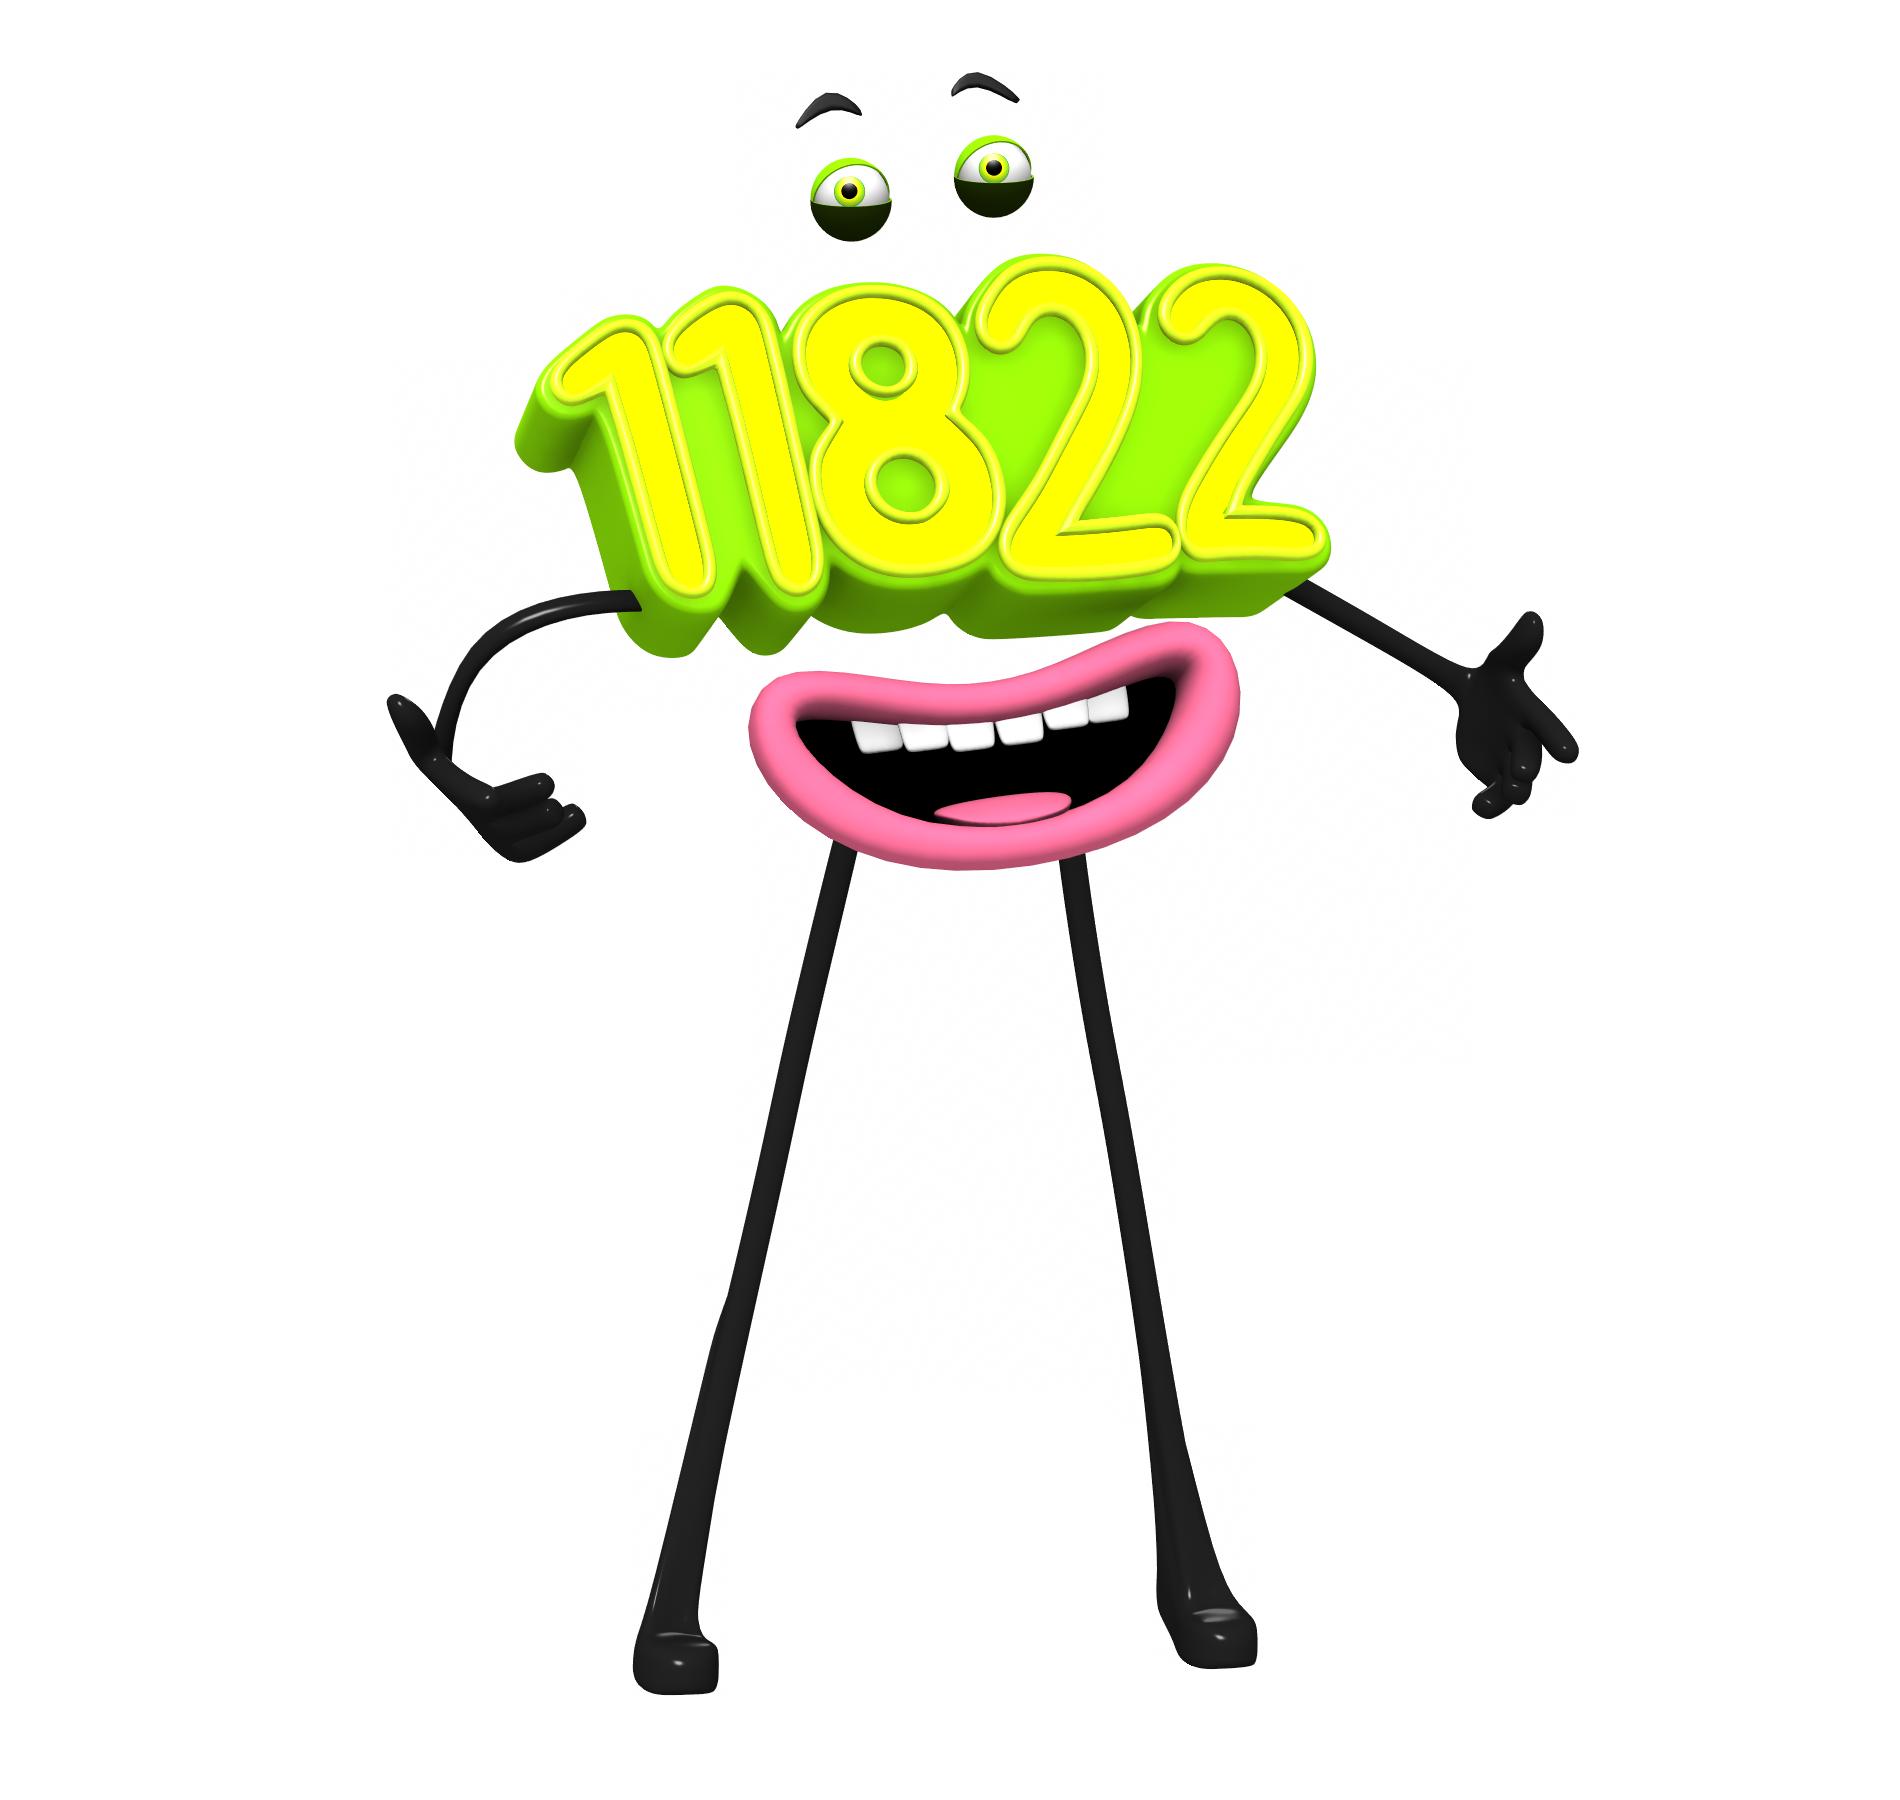 11822_big_02